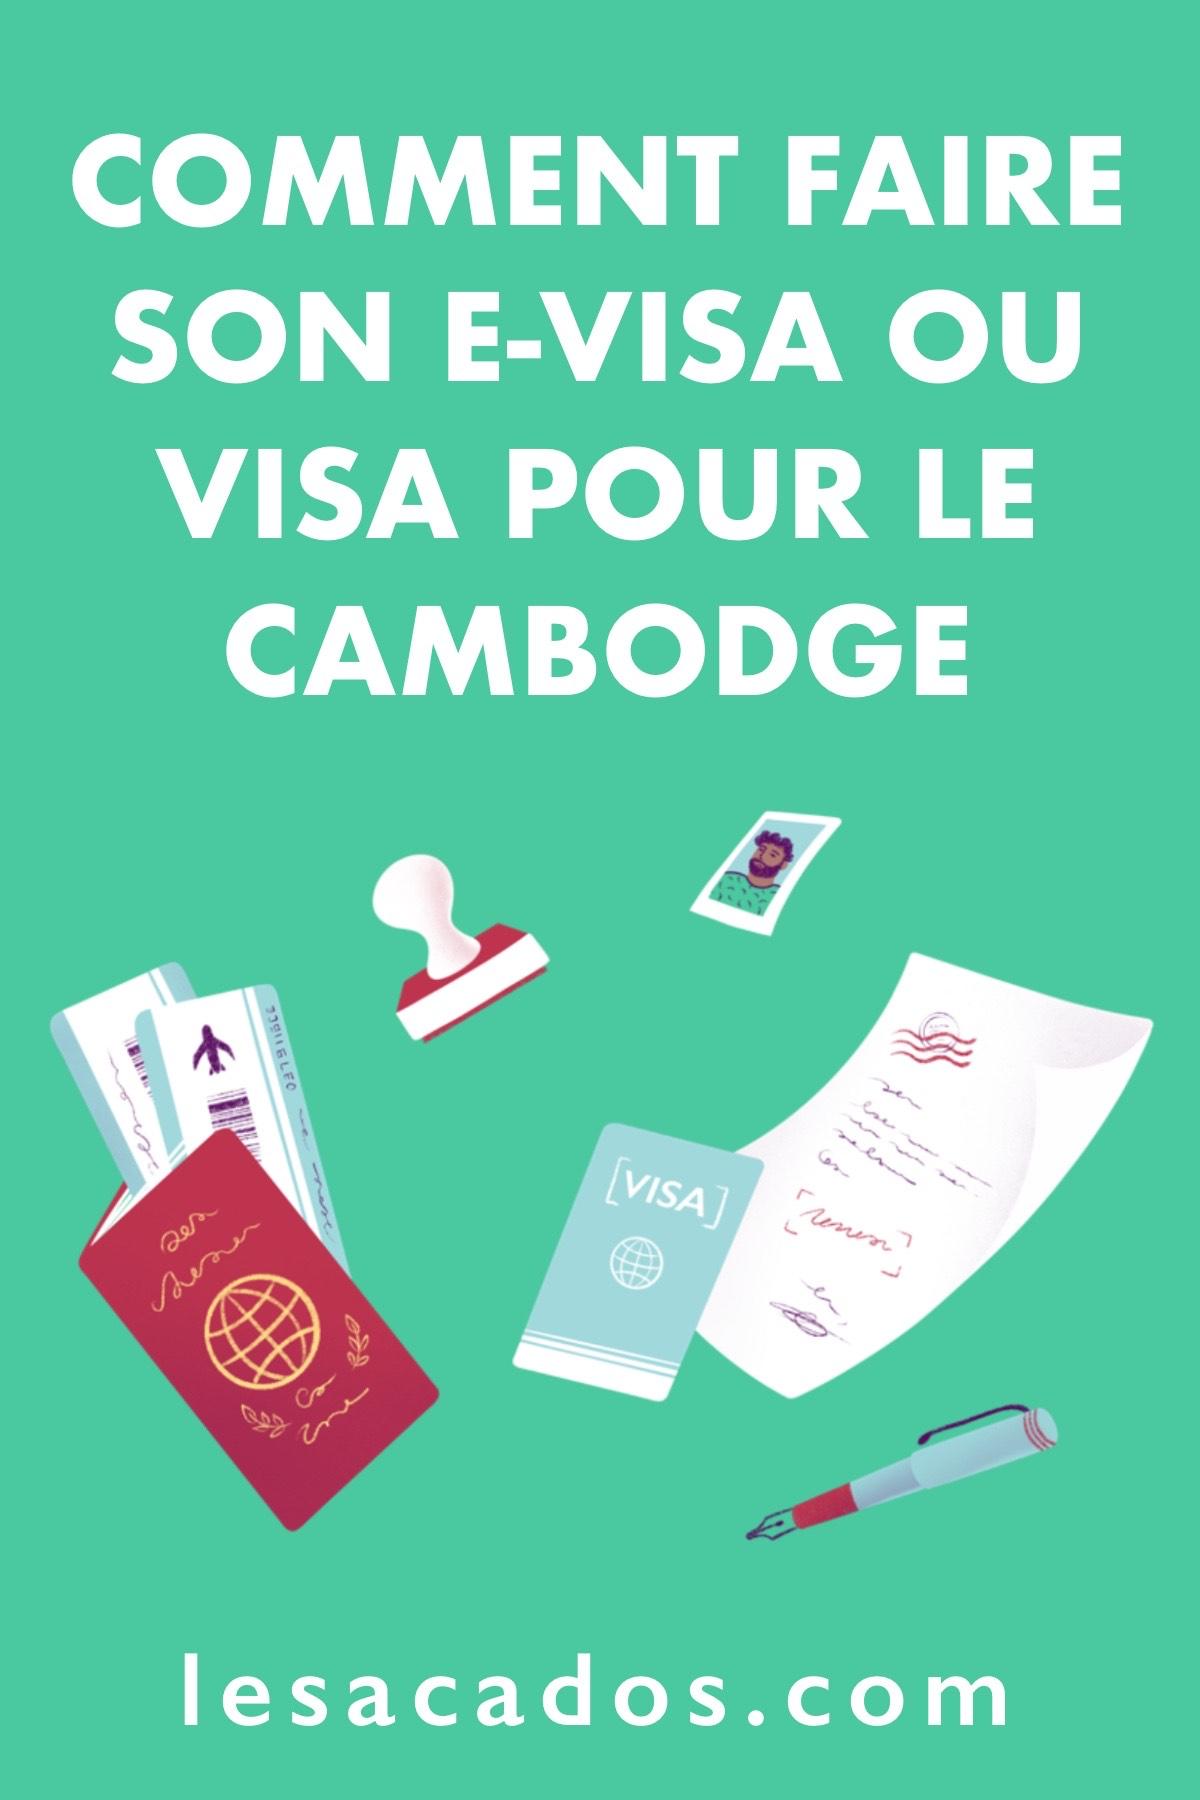 Vous partez au Cambodge? Il vous faudra absolument un e-visa. Dans cet article je vous explique comment faire votre visa Cambodge en ligne facilement.